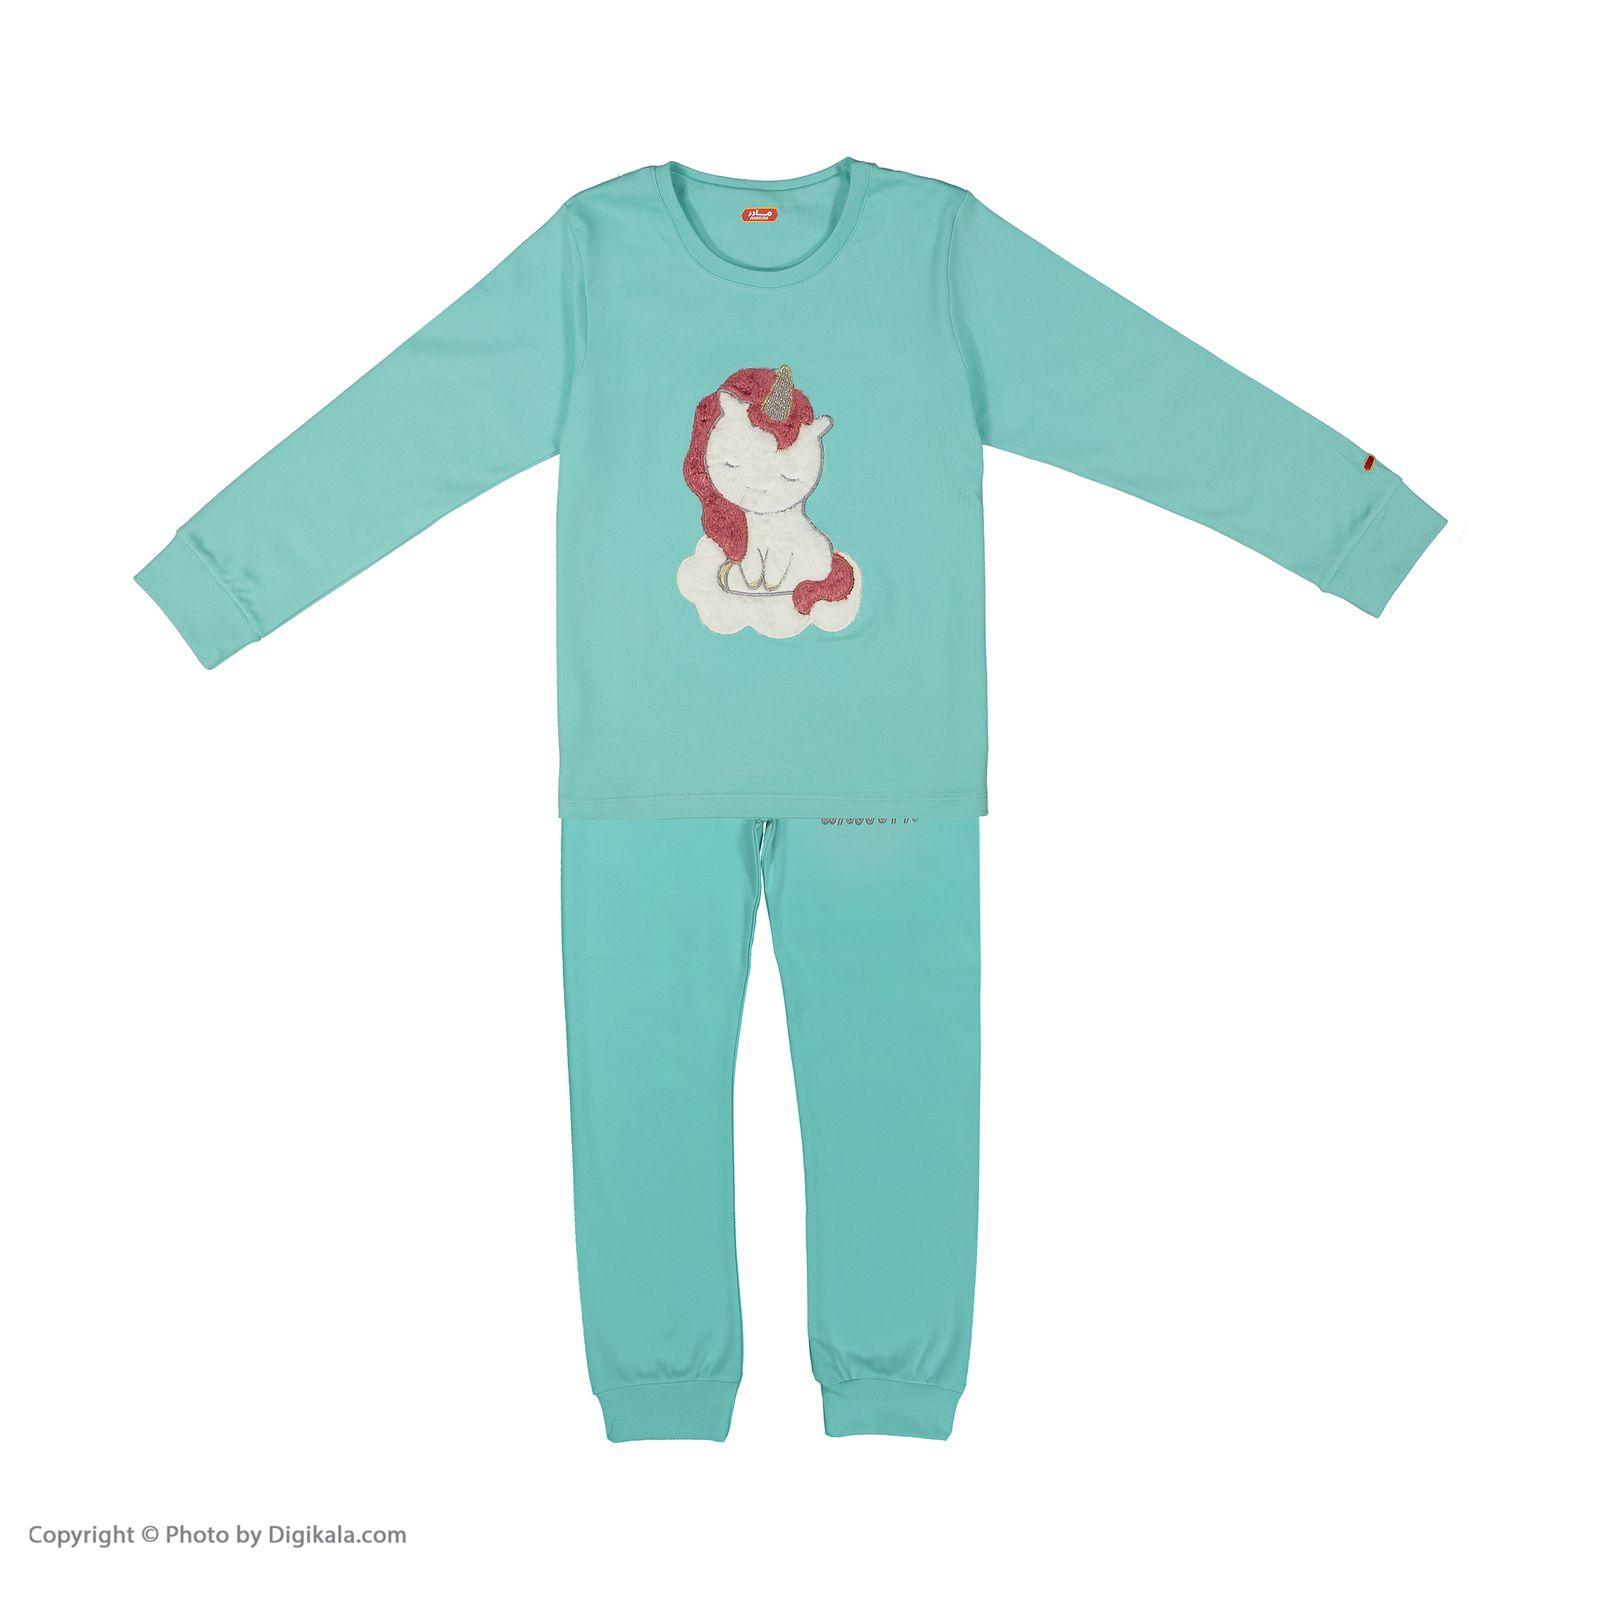 ست تی شرت و شلوار دخترانه مادر مدل 303-54 main 1 1